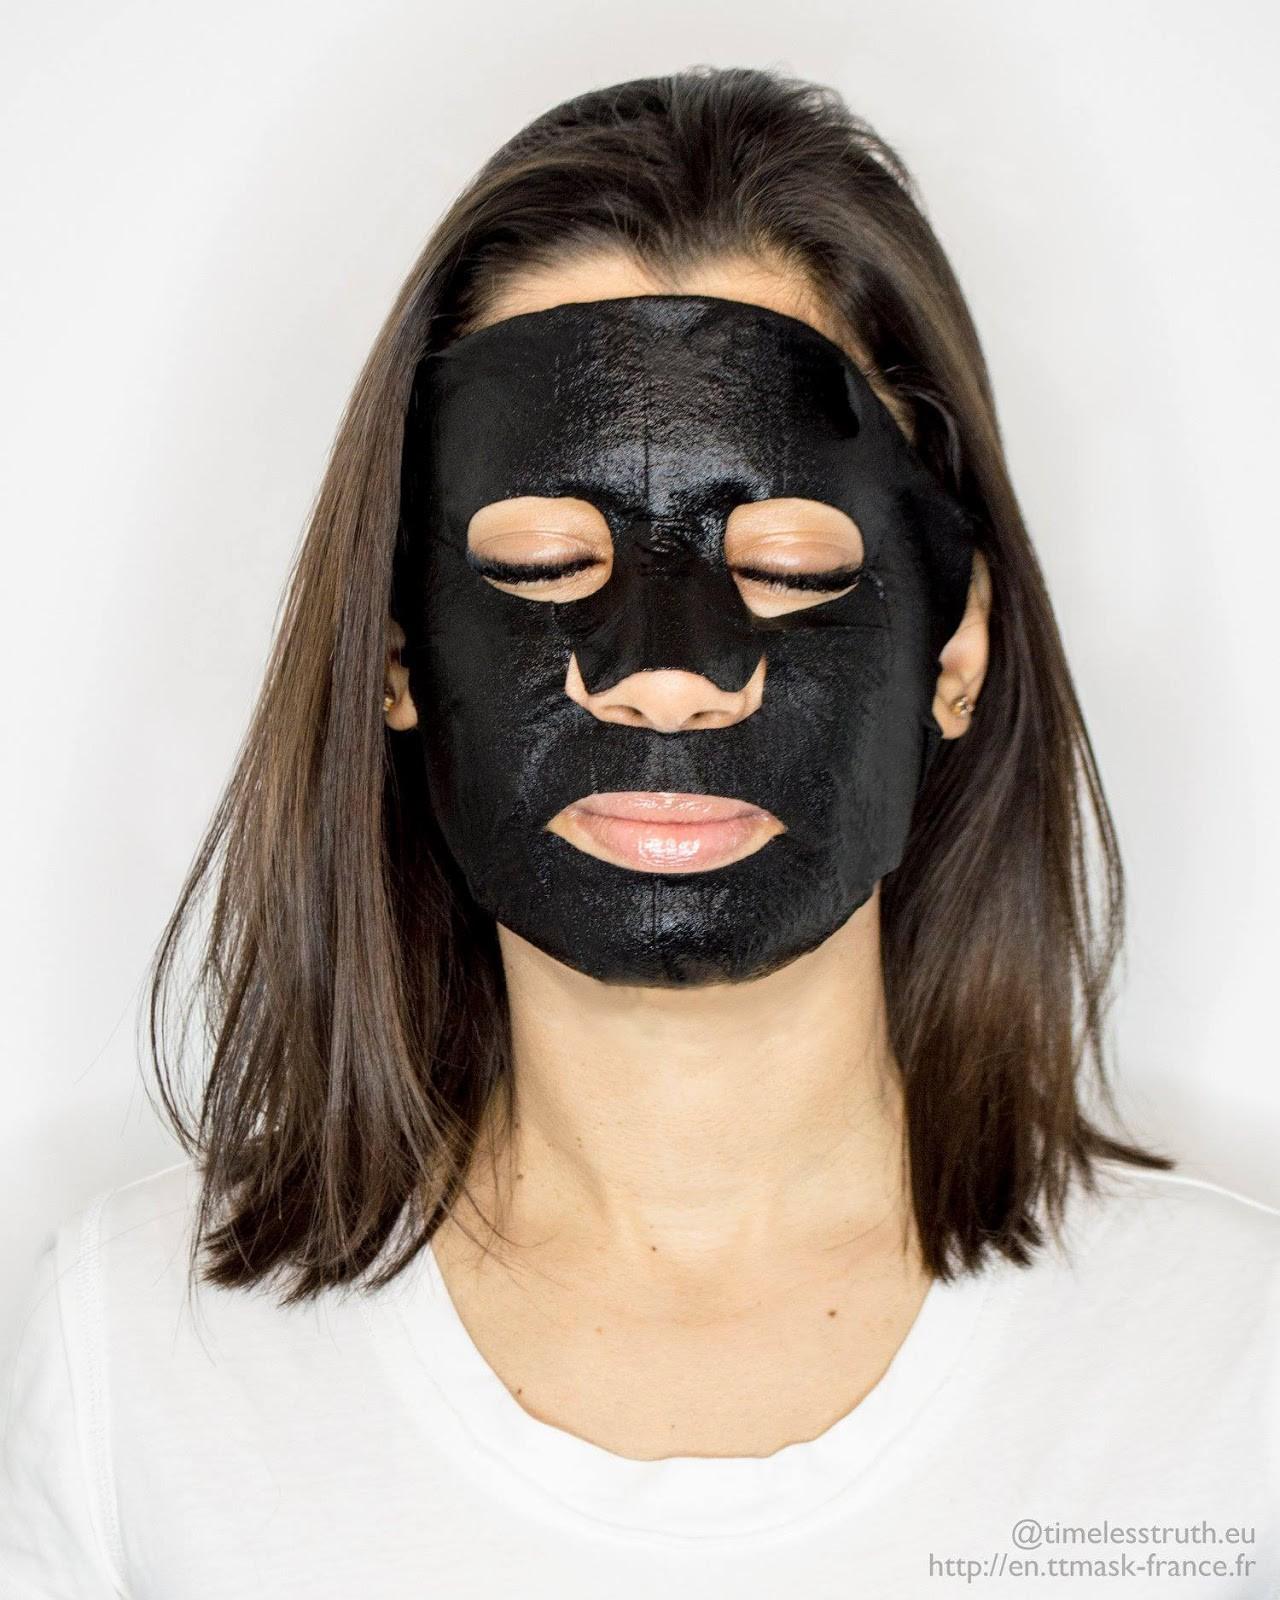 Timeless Truth Mask Black Charcoal: Thêm một loại mặt nạ Đài Loan xịn sò cho chị em chăm da láng mịn chơi hè - Ảnh 2.